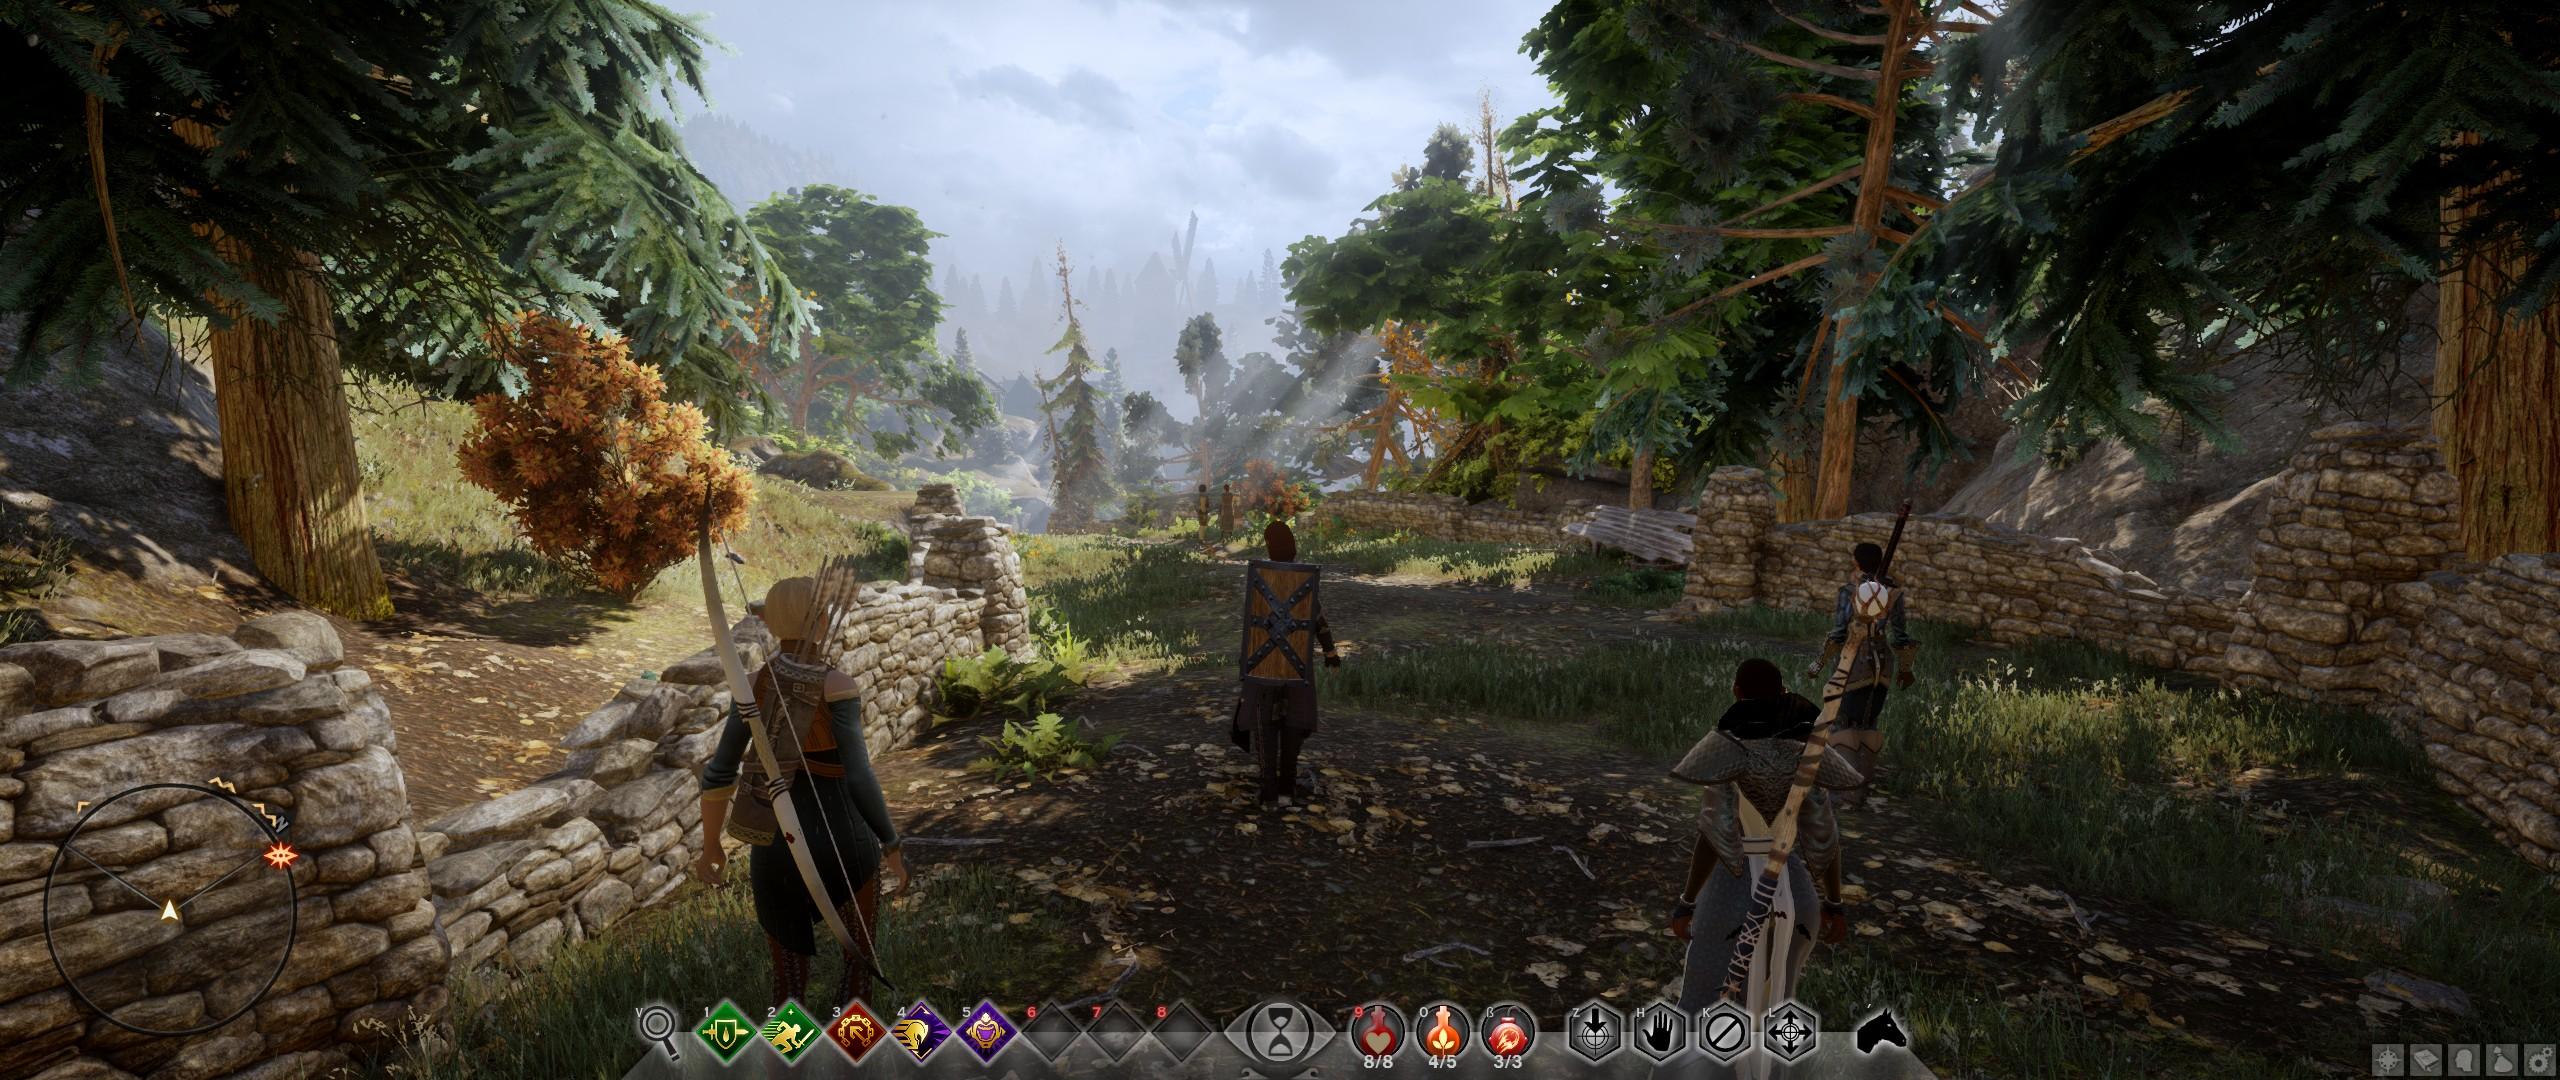 ScreenshotWin32_0015_Final